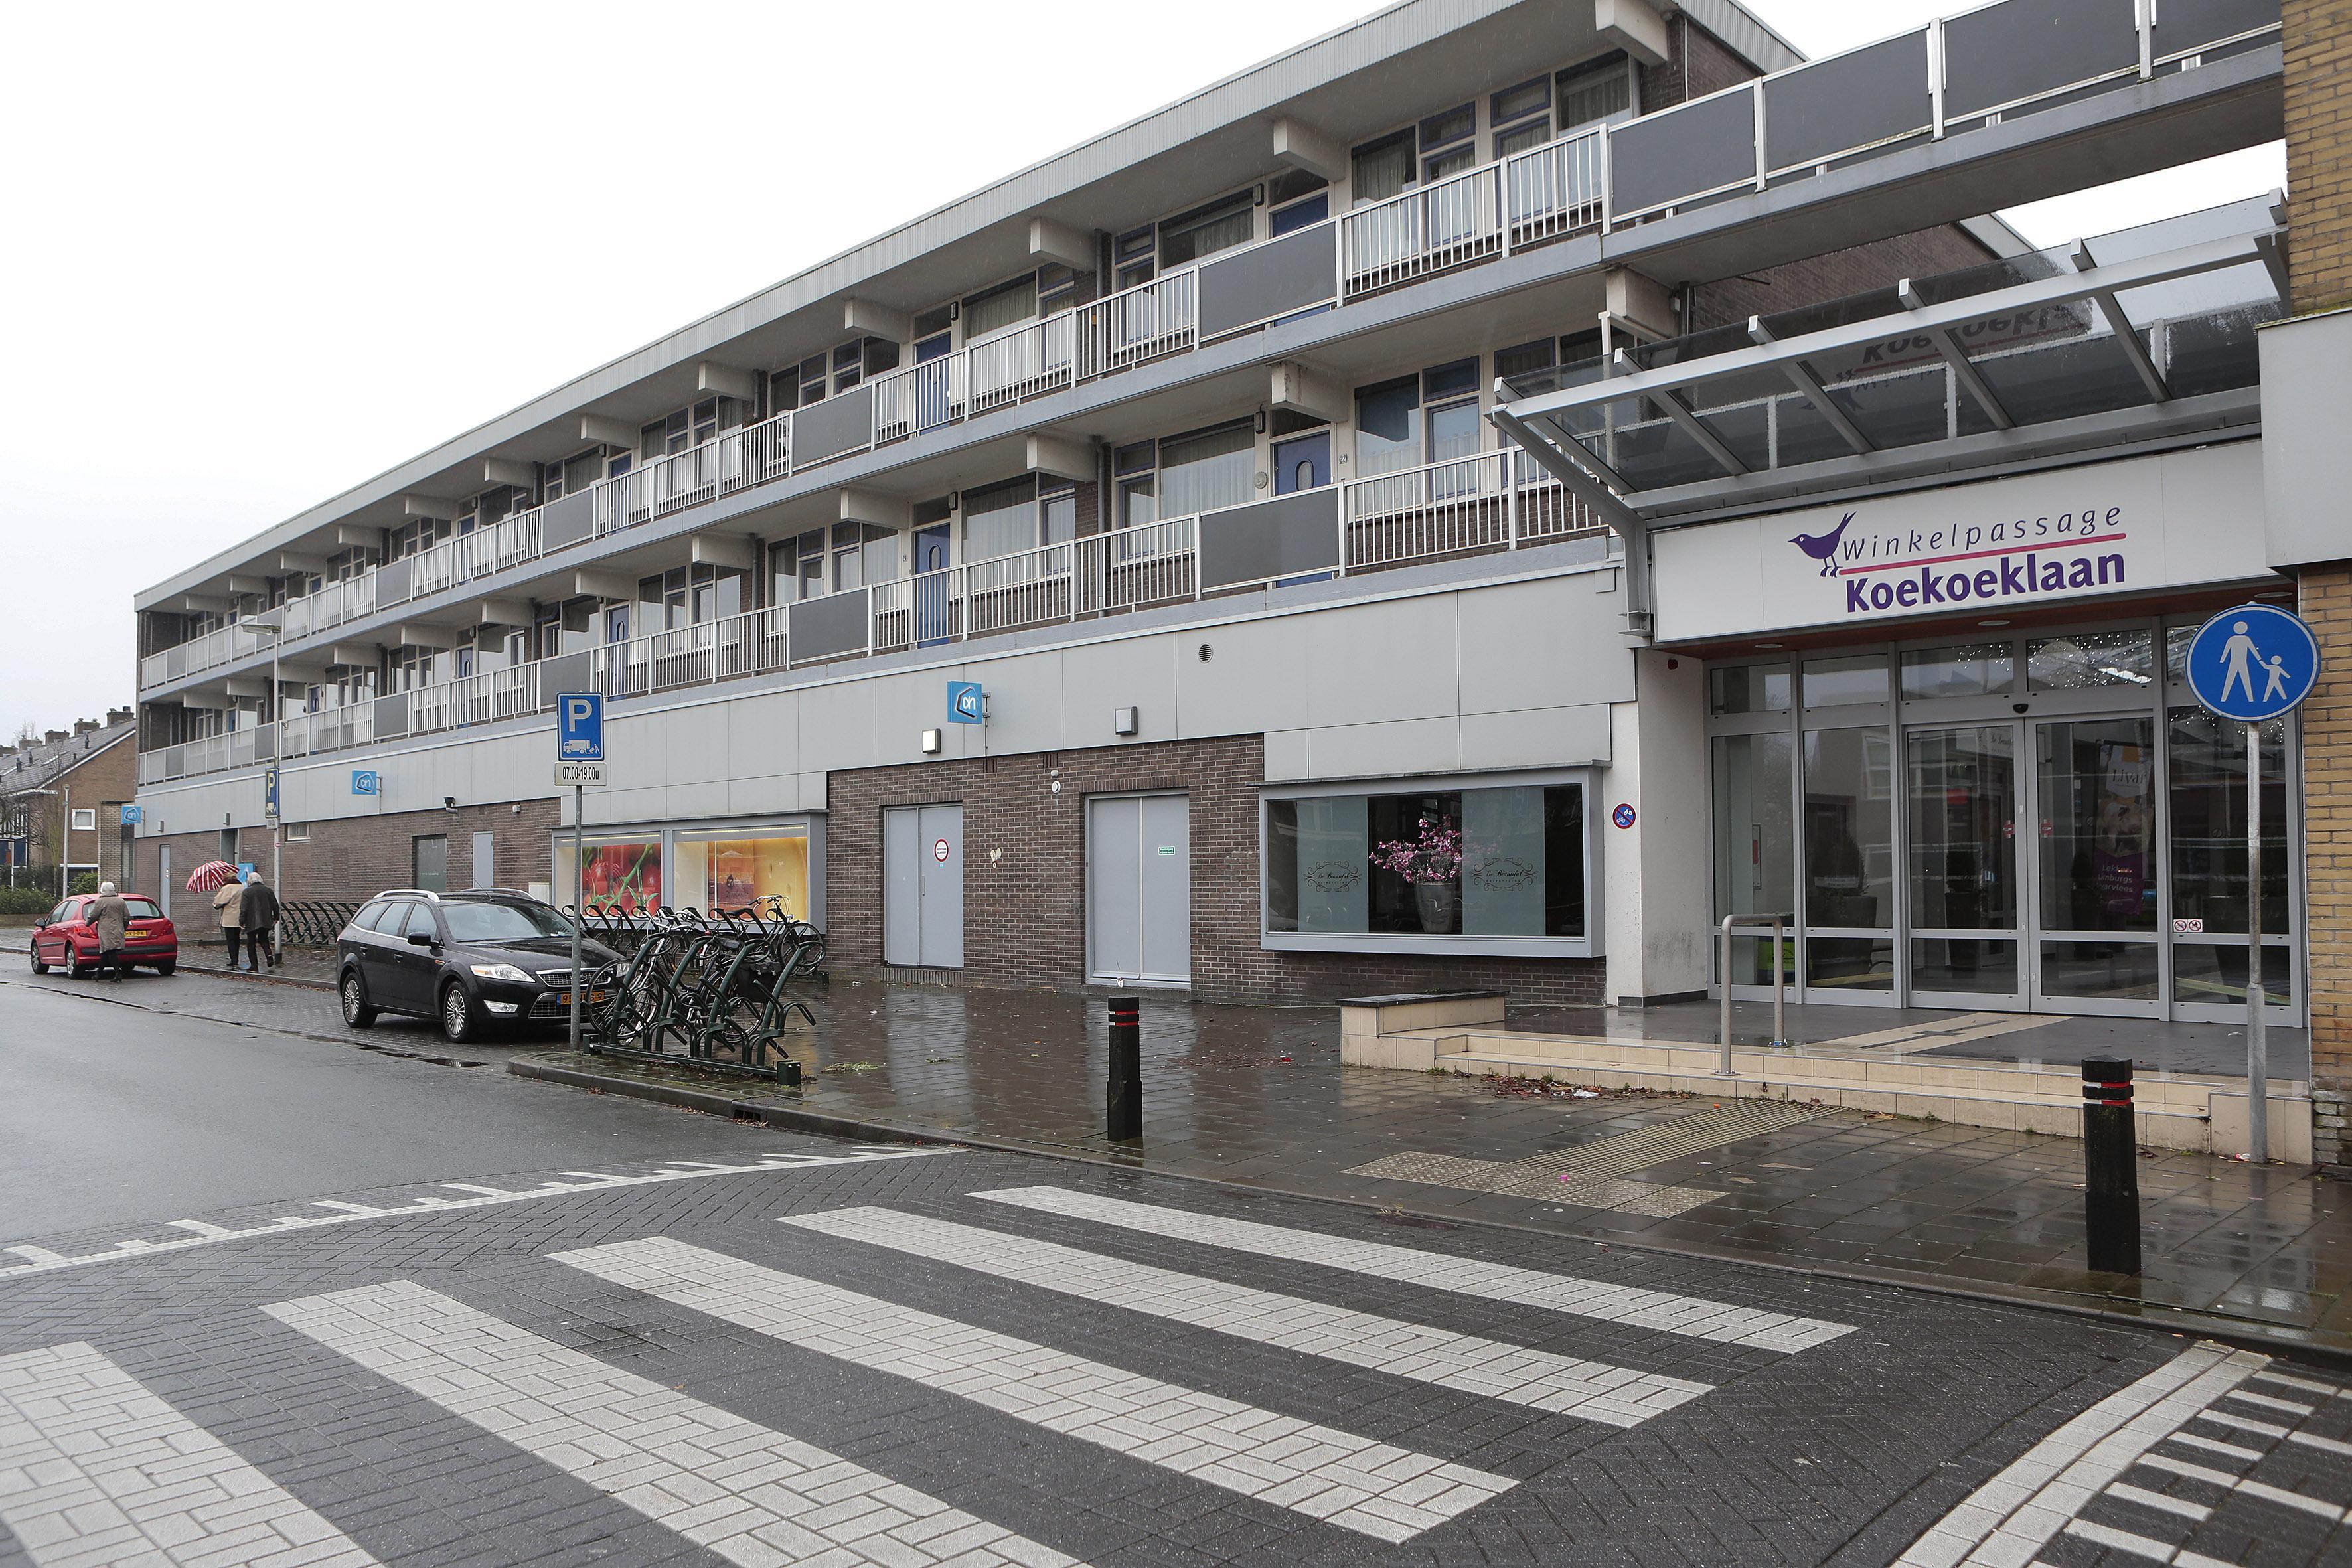 Aanvraag ruimere openingstijden AH Koekoeklaan Bussum was 'foutje'; Hoofdkantoor biedt excuses aan voor ontstane onrust